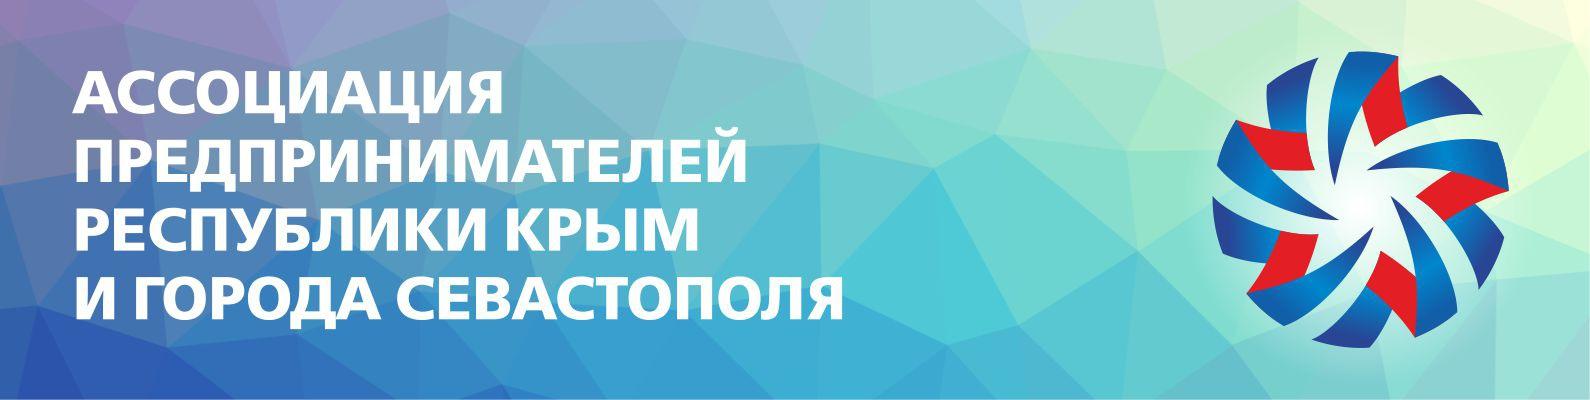 Ассоциация предпринимателей крыма и севастополя официальный сайт сервер для css ip тюрьма